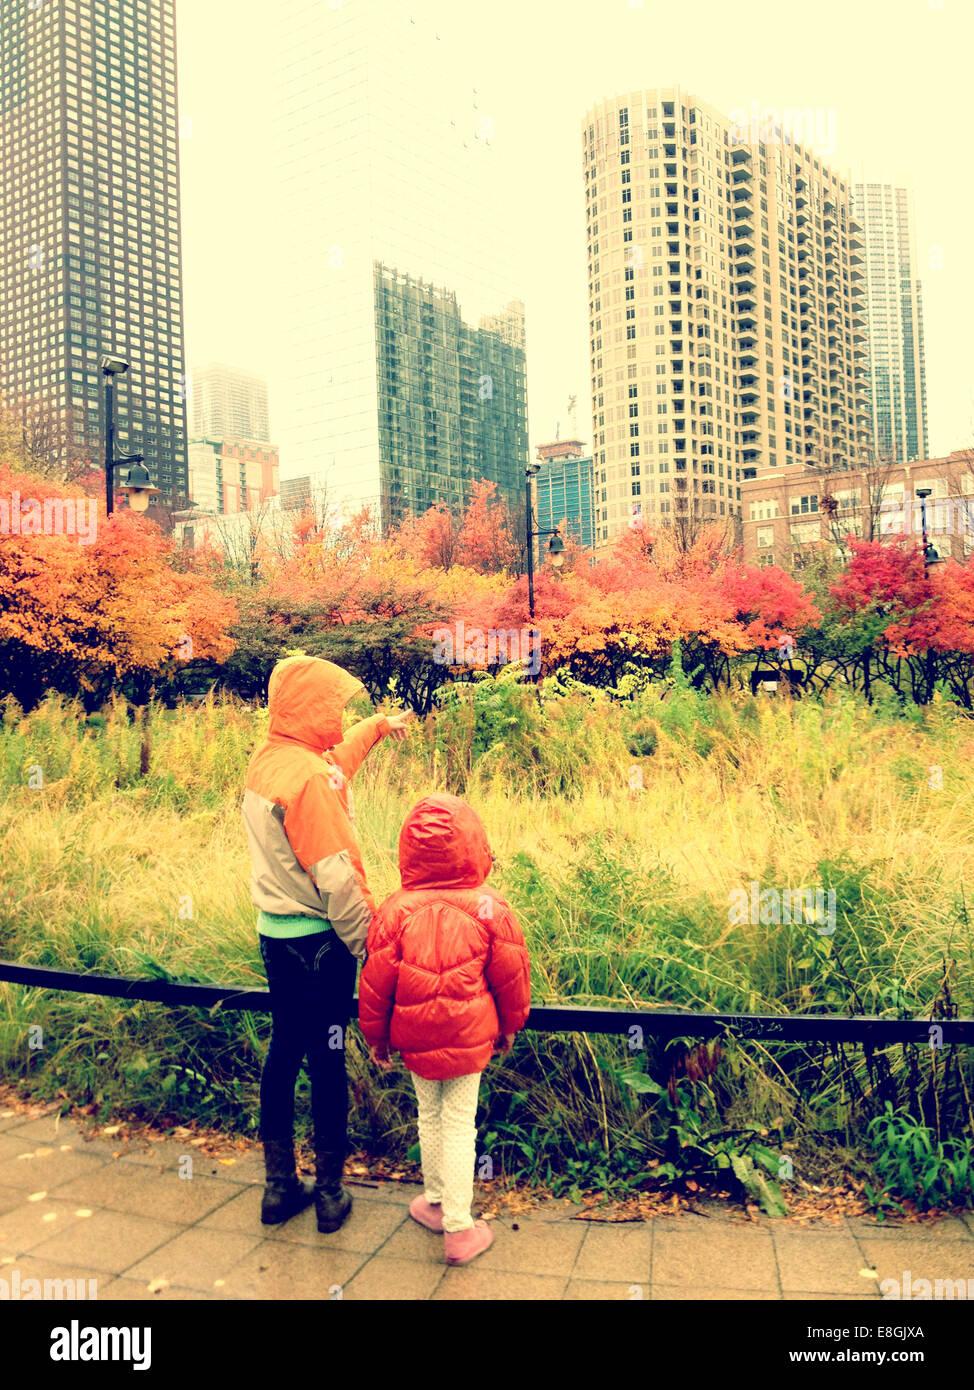 Vista trasera de dos hermanas de pie en park, Chicago, Illinois, Estados Unidos, EE.UU. Imagen De Stock